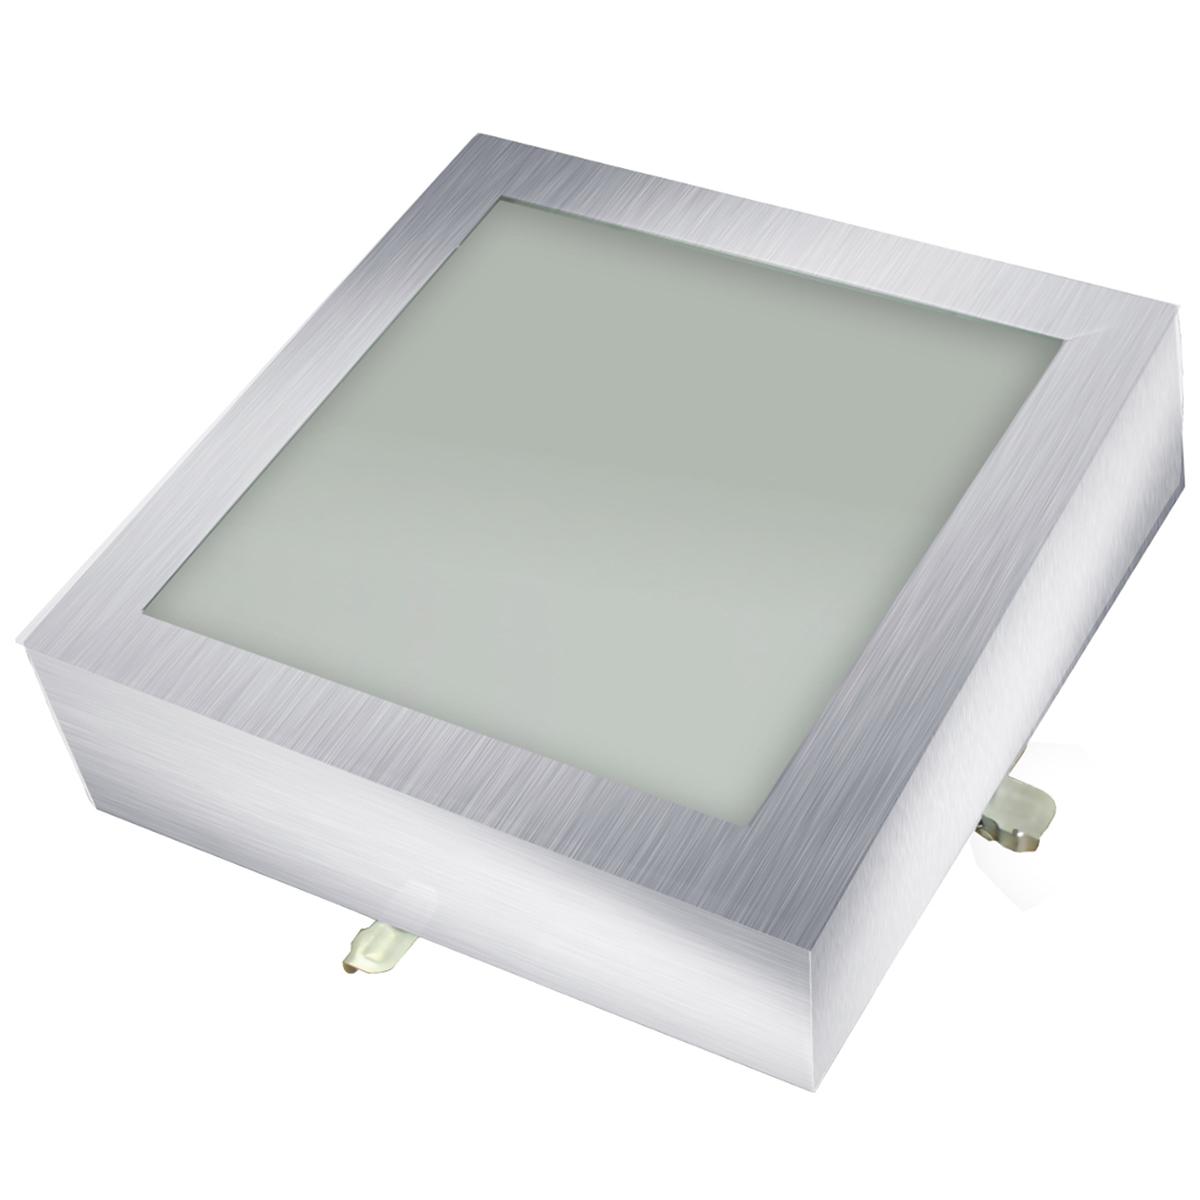 Plafon Space Sobr. Quad. 25cm Alum. Vidro Fosco E-27 2 Lamp. Max 60w Escovado